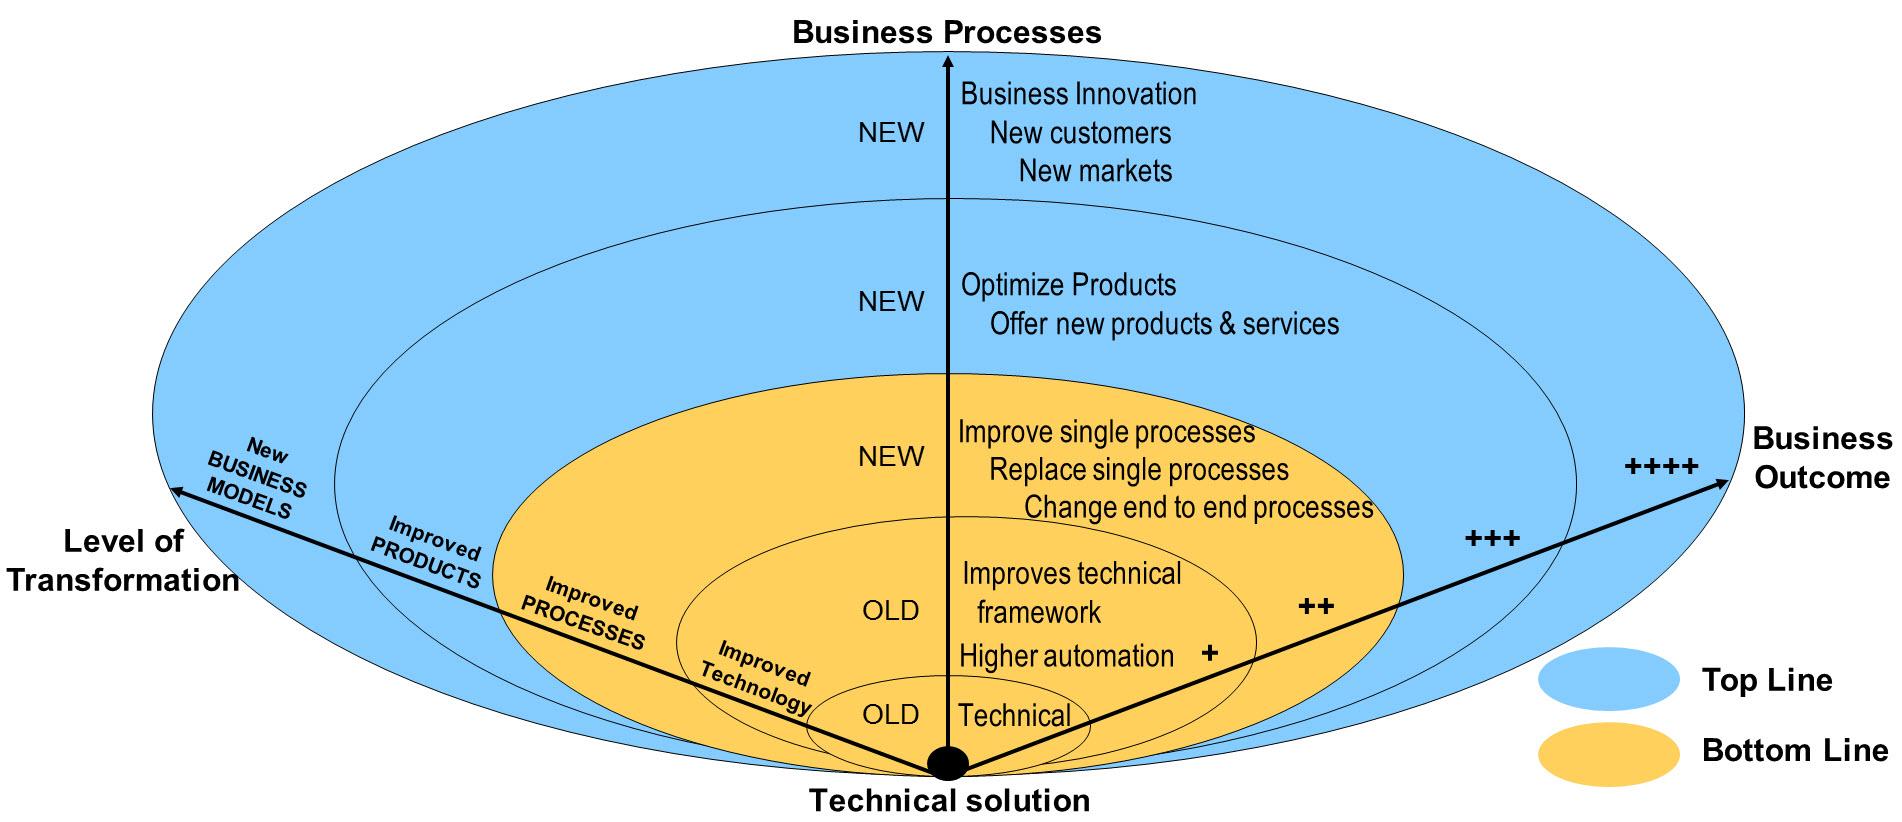 Uncategorized | SAP Blogs | Page 3886